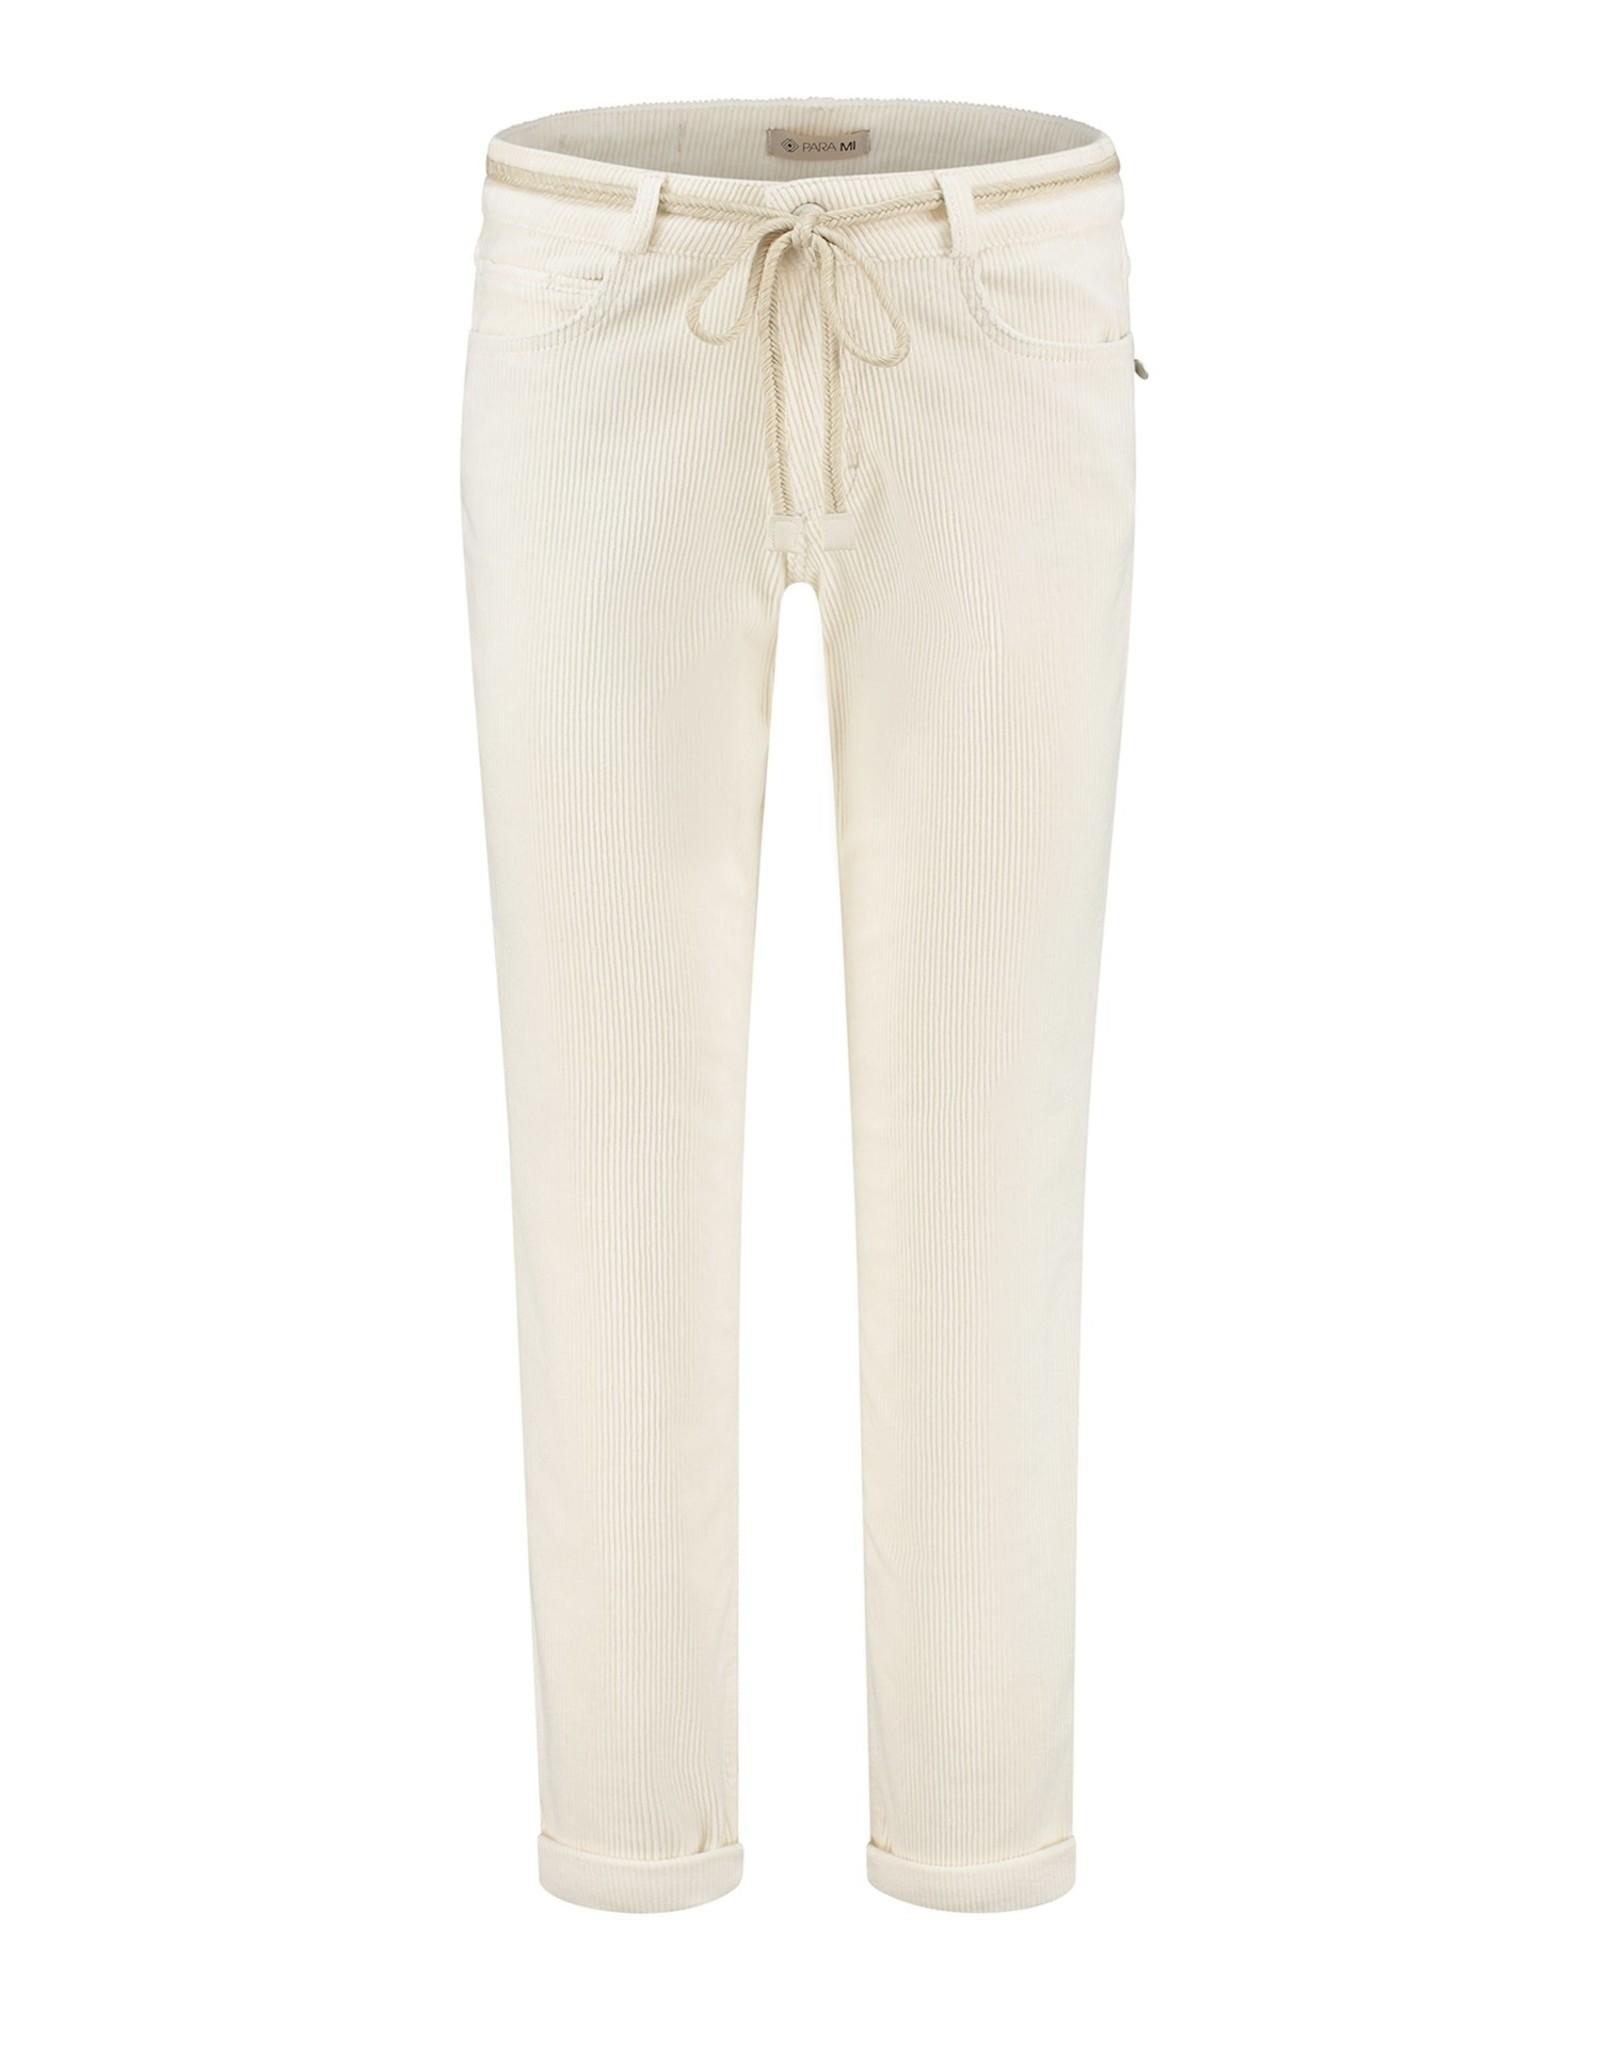 Para MI Pantalon Bobby  Vintage Corduroy Beige Marble